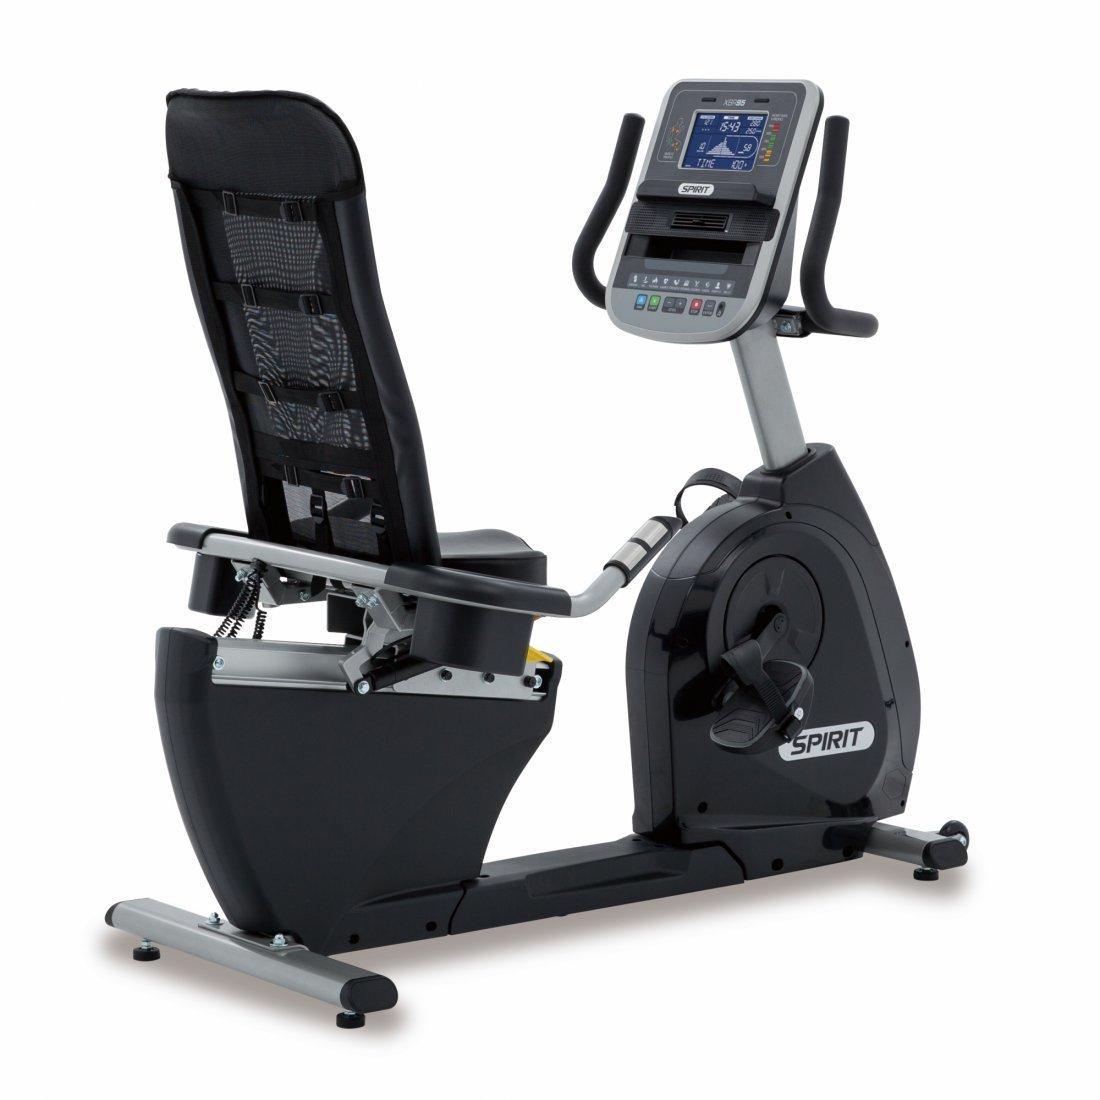 Spirit Profi Ergometer XBR 95 Sitzheimtrainer Liegeheimtrainer Fitness Trimm-Rad